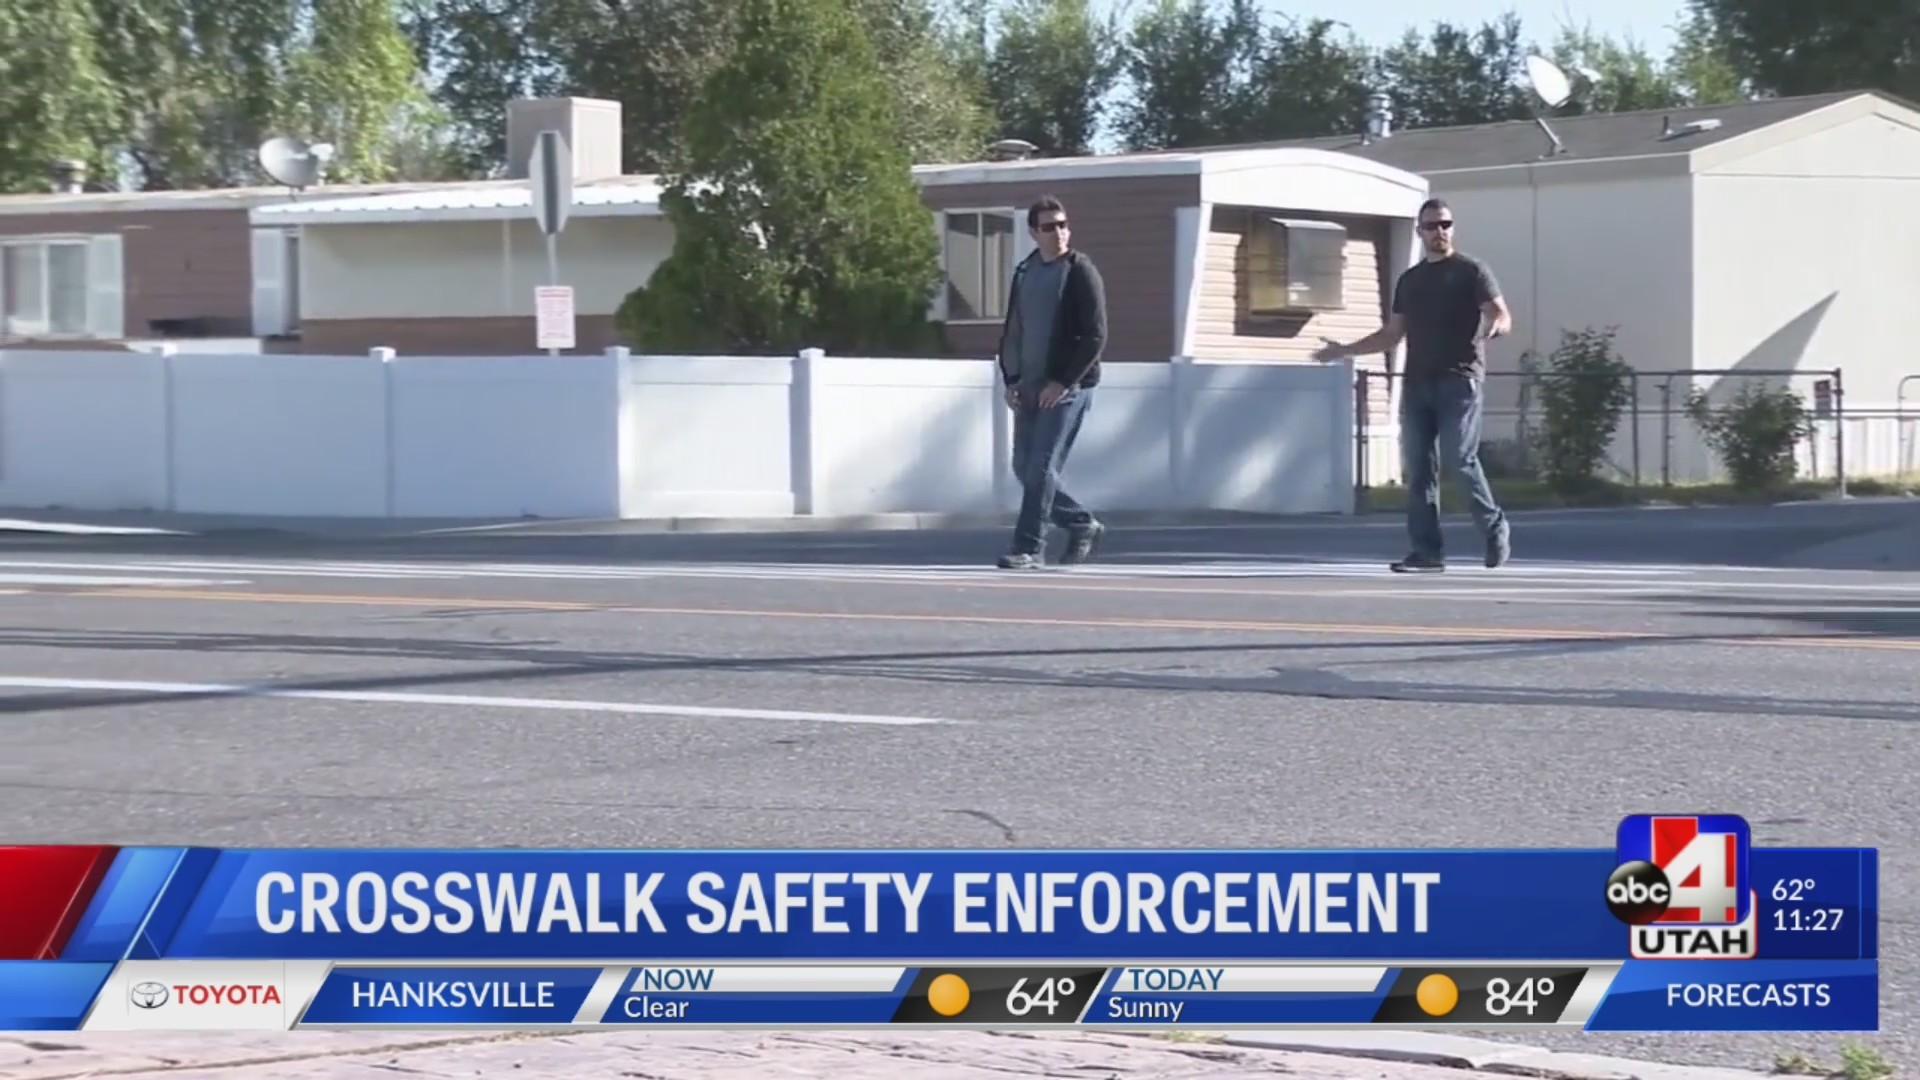 Crosswalk Safety Enforcement